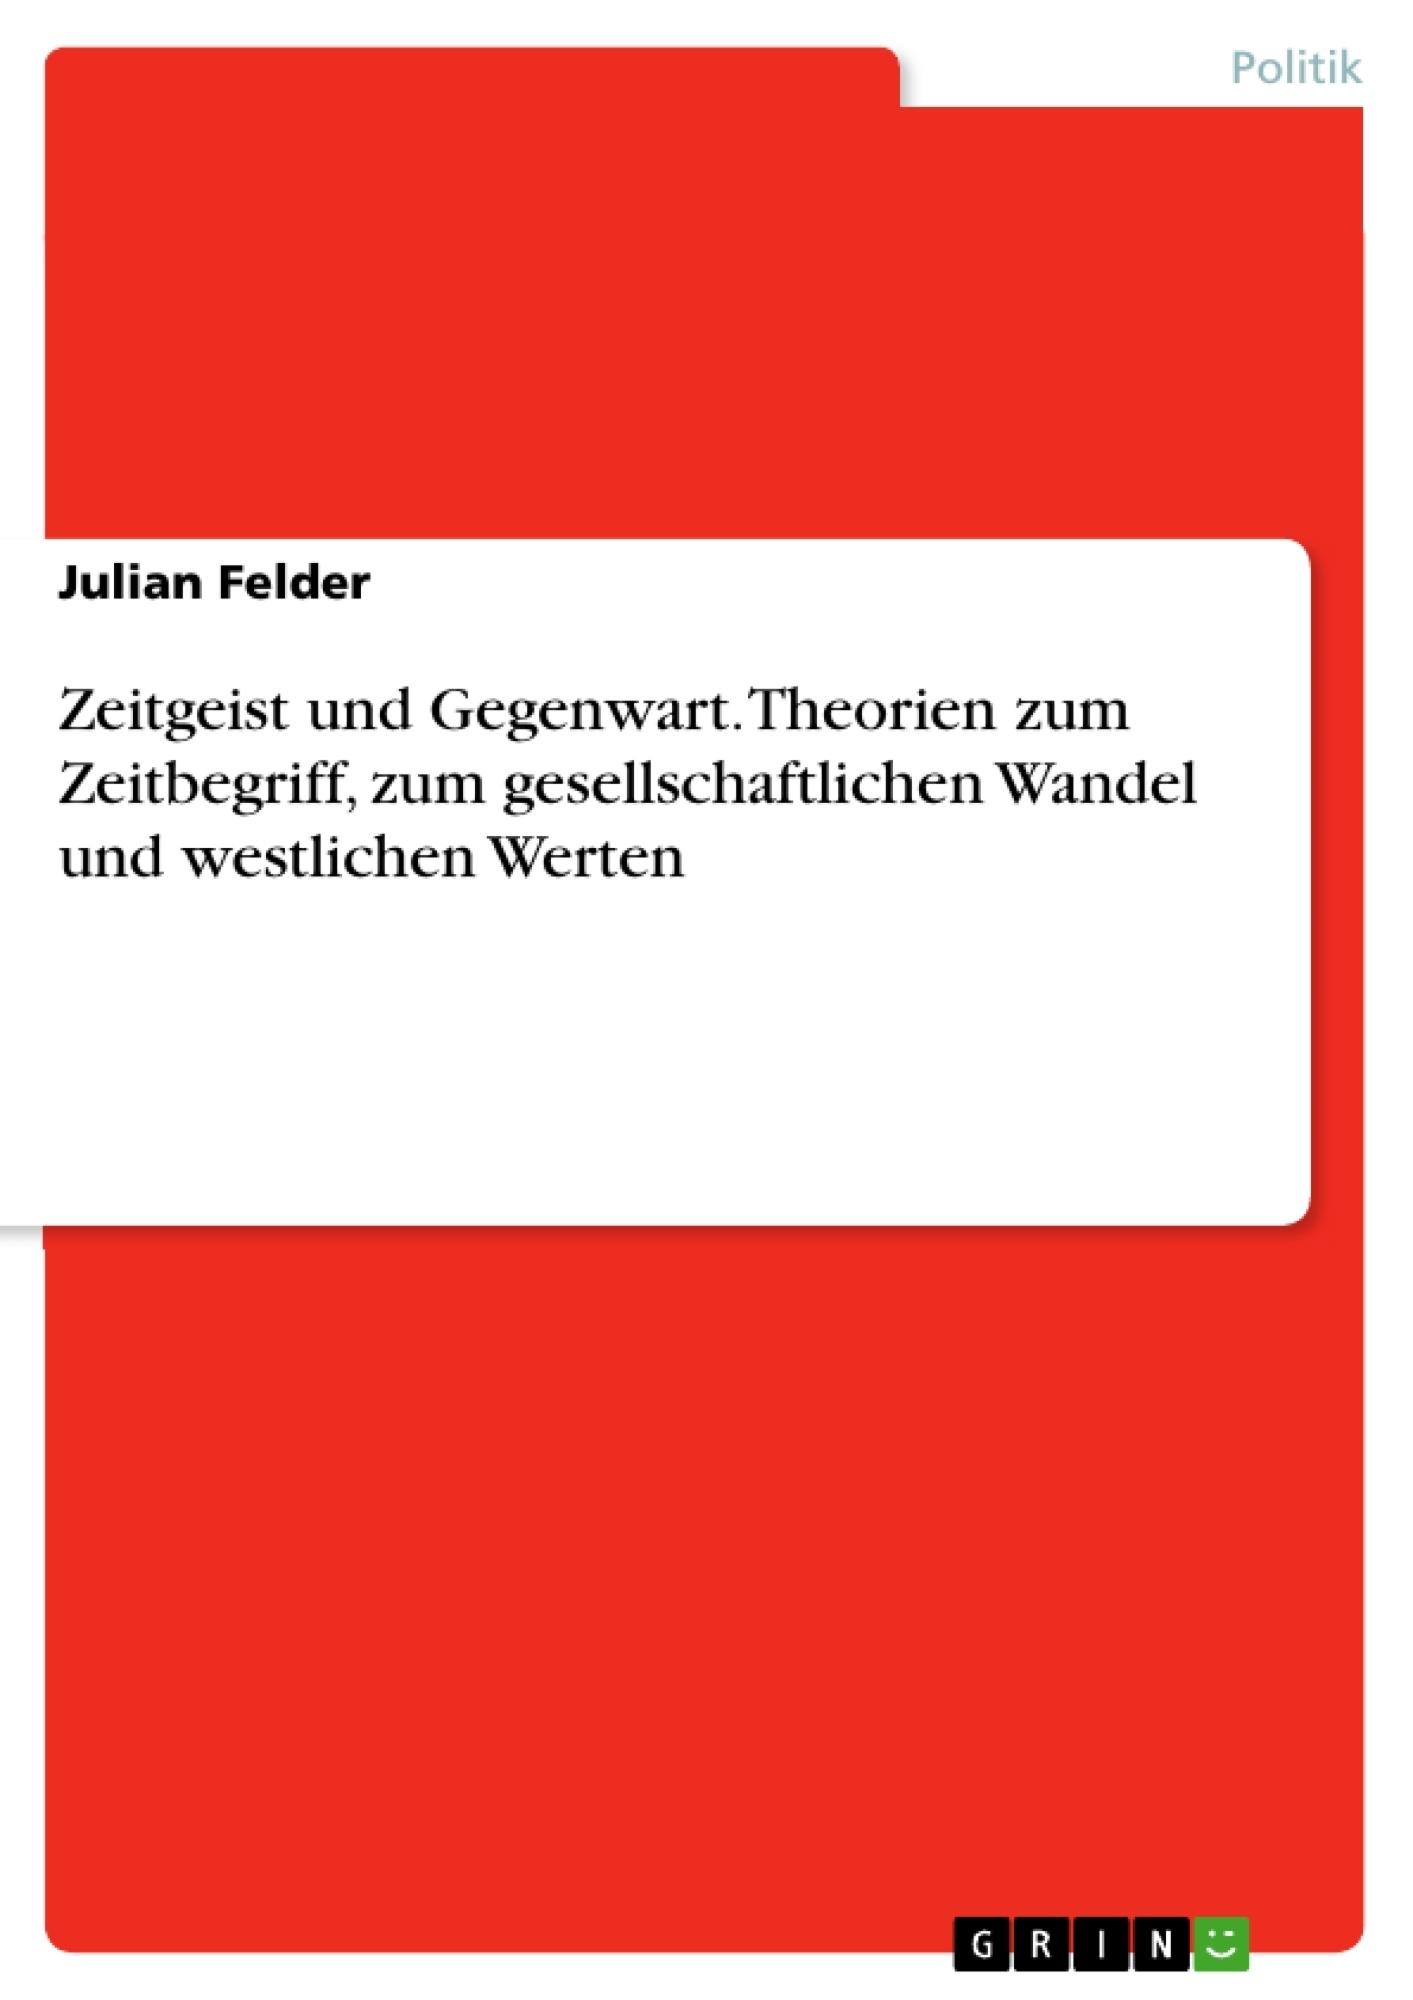 Titel: Zeitgeist und Gegenwart. Theorien zum Zeitbegriff, zum gesellschaftlichen Wandel und westlichen Werten